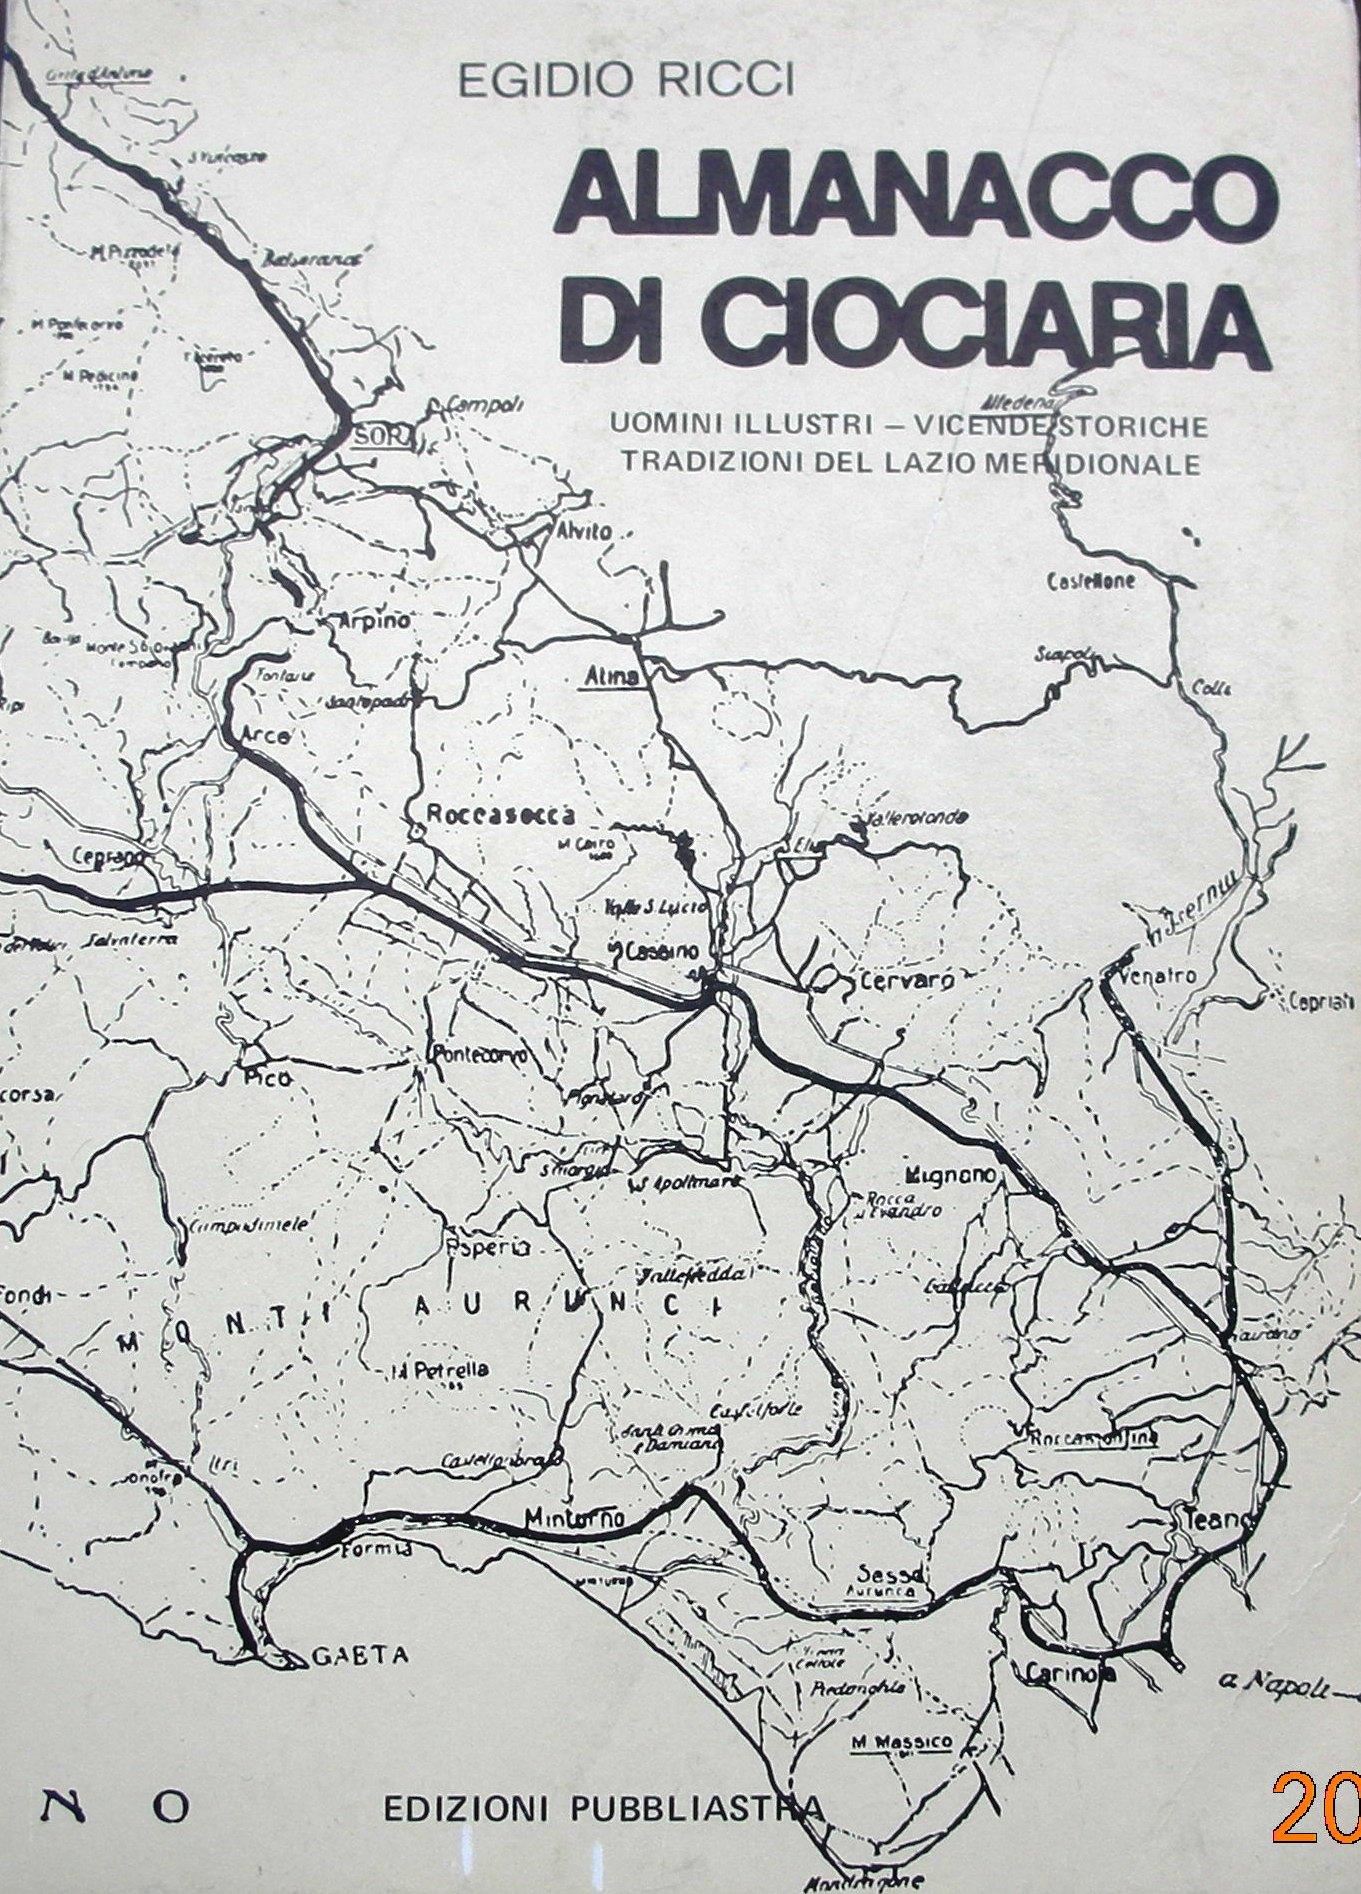 Almanacco di Ciociaria